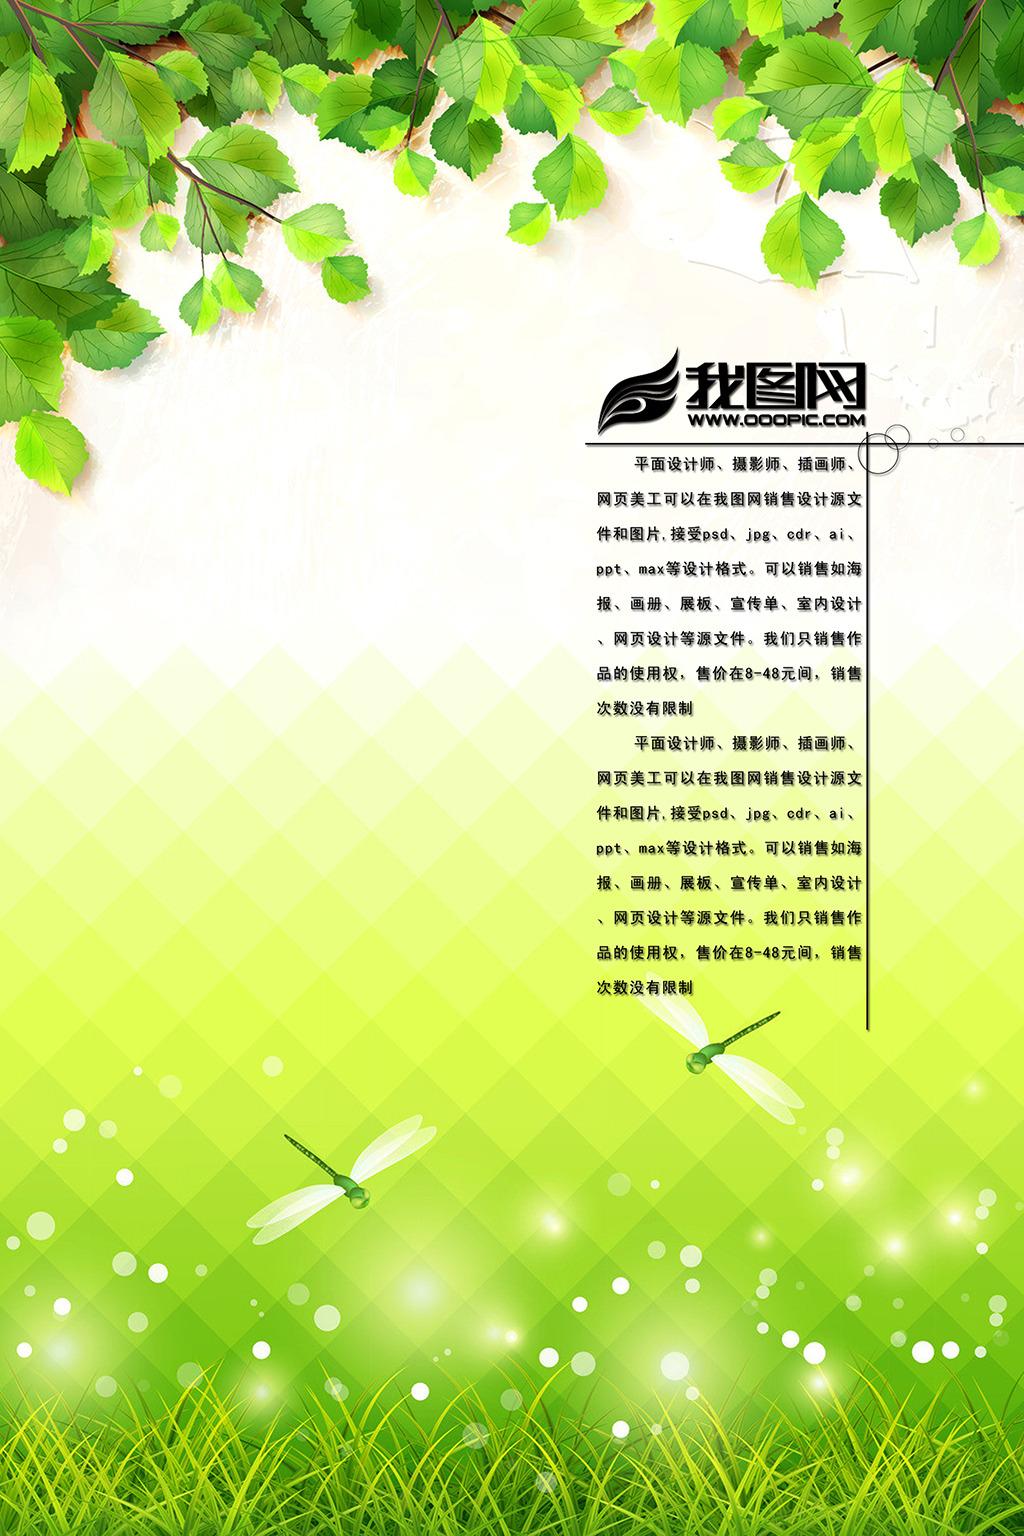 绿色展板背景模板下载